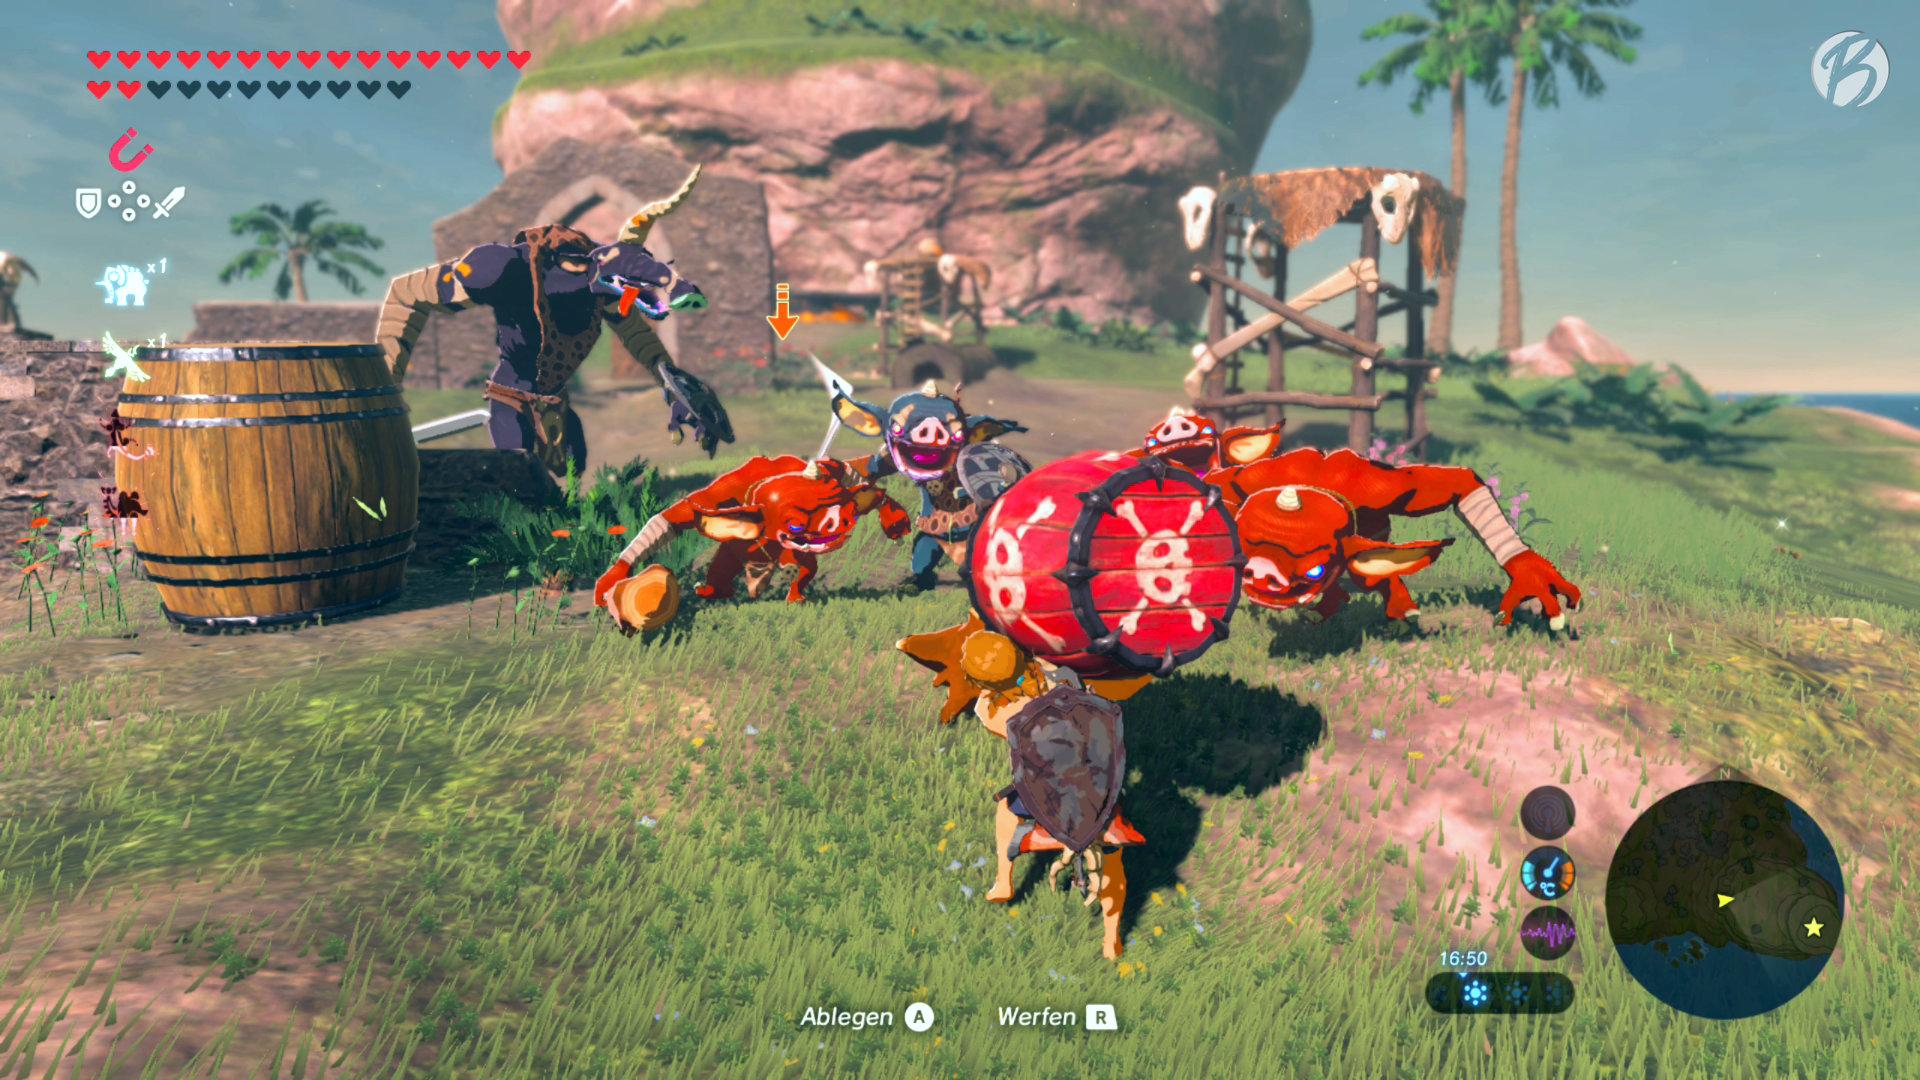 The Legend of Zelda: BotW - Anspruchsvoll! Auf einer abgelegenen Insel dürfen wir nur die Gegenstände verwenden, die wir vor Ort finden.